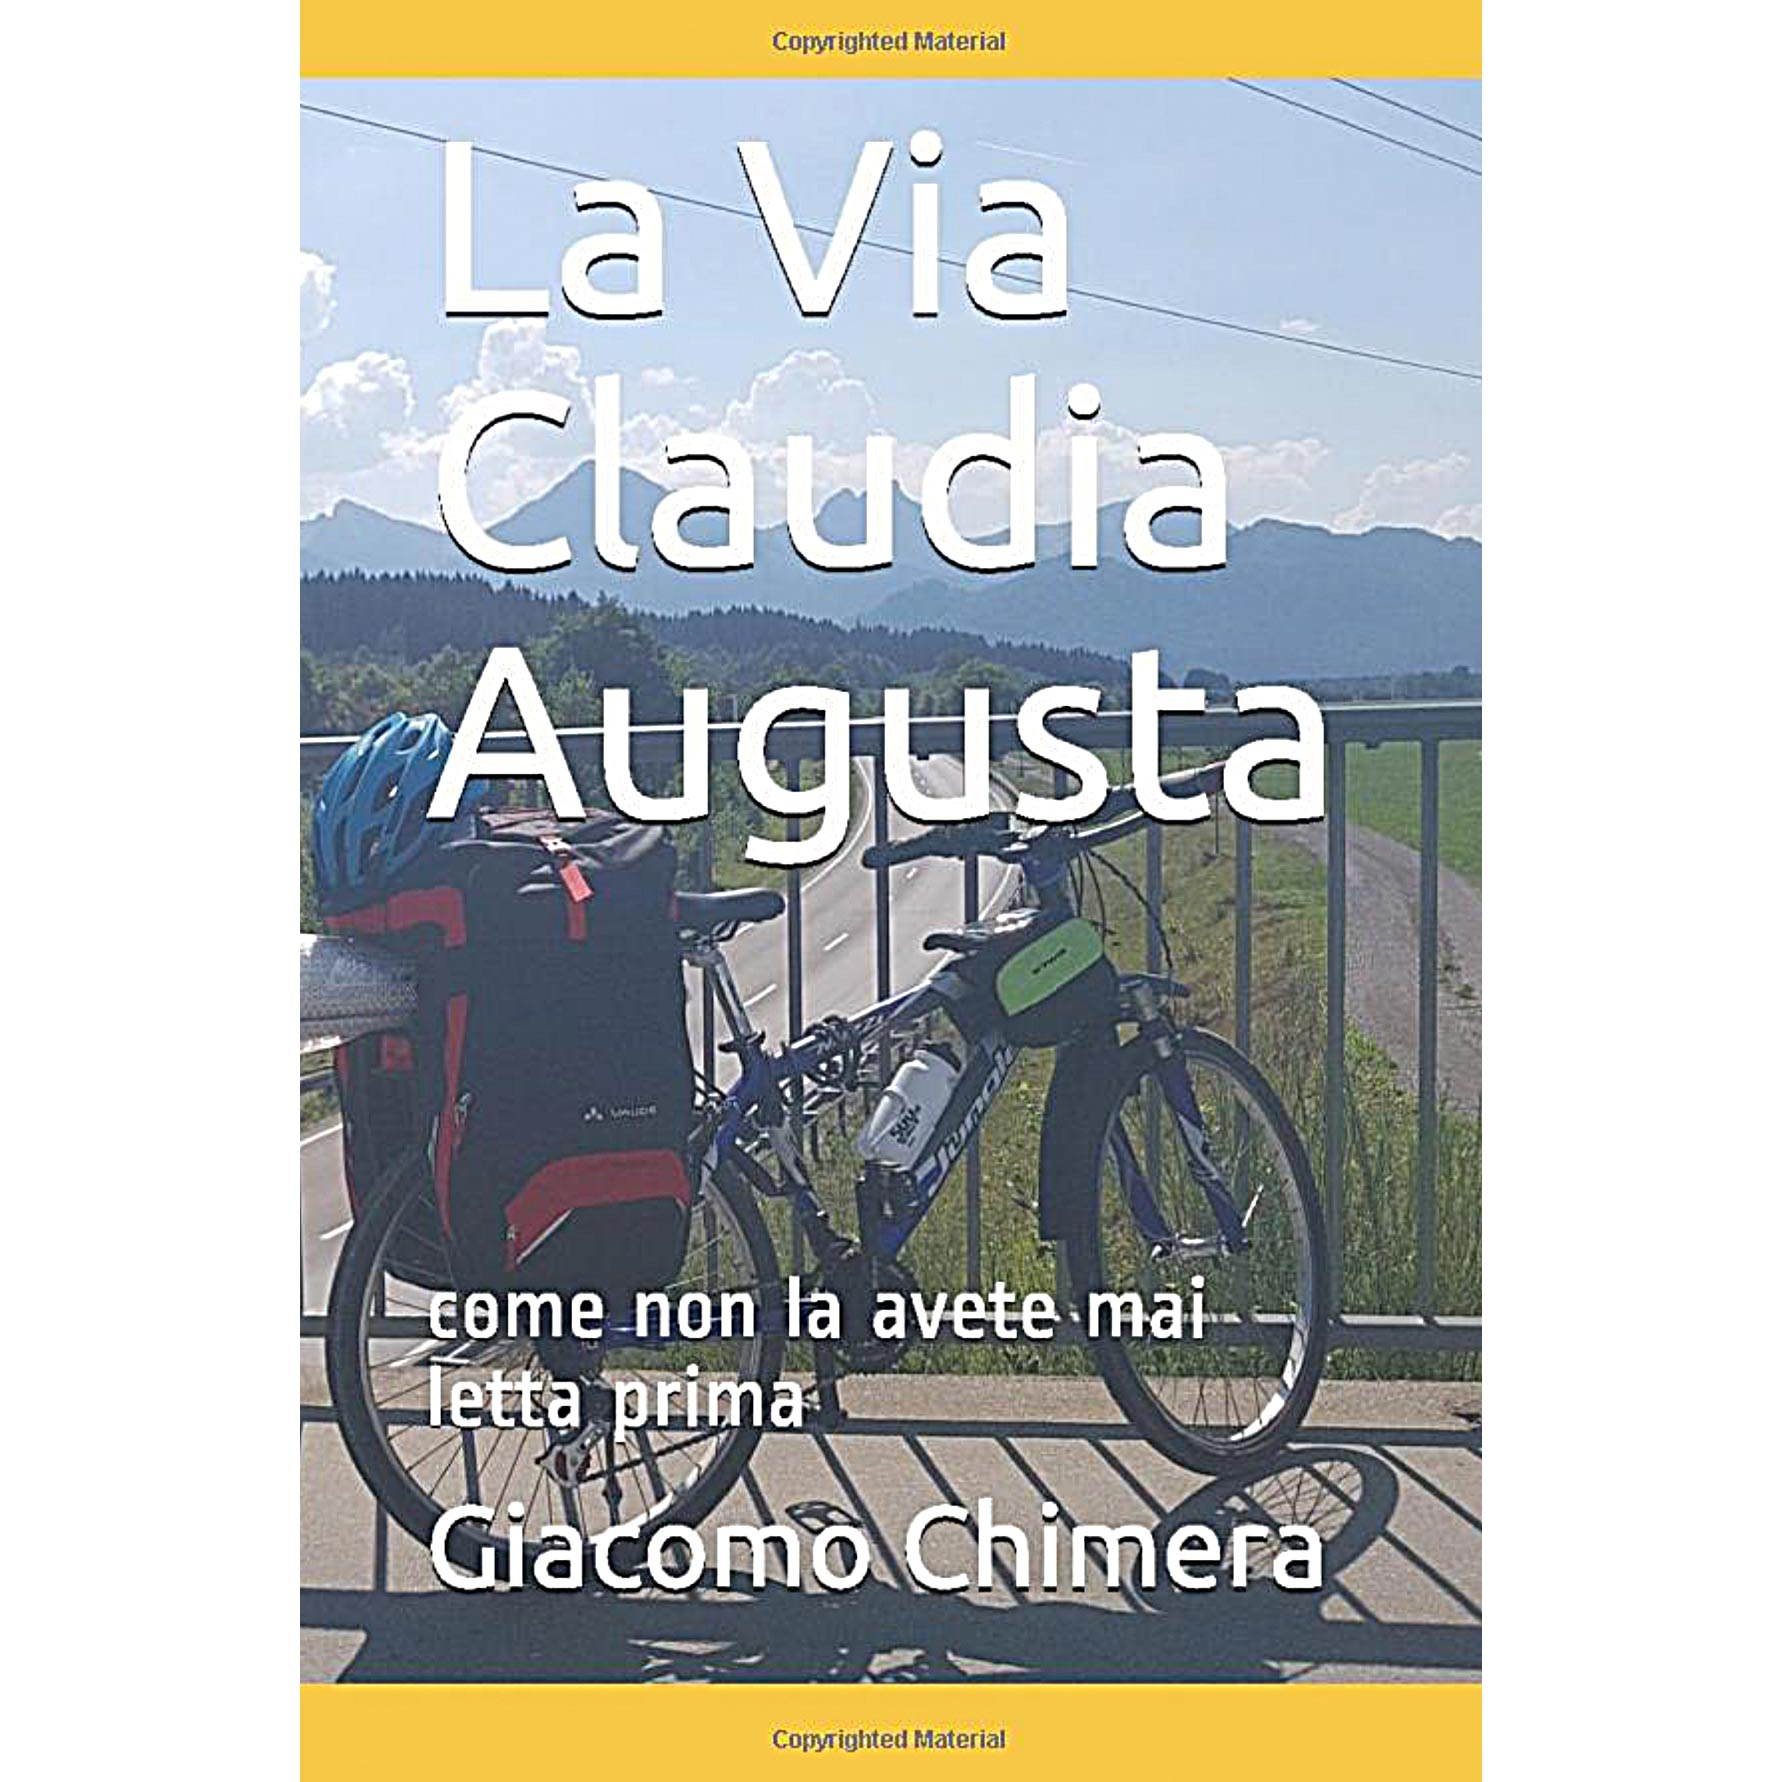 Neuigkeiten von der Via Claudia Augusta